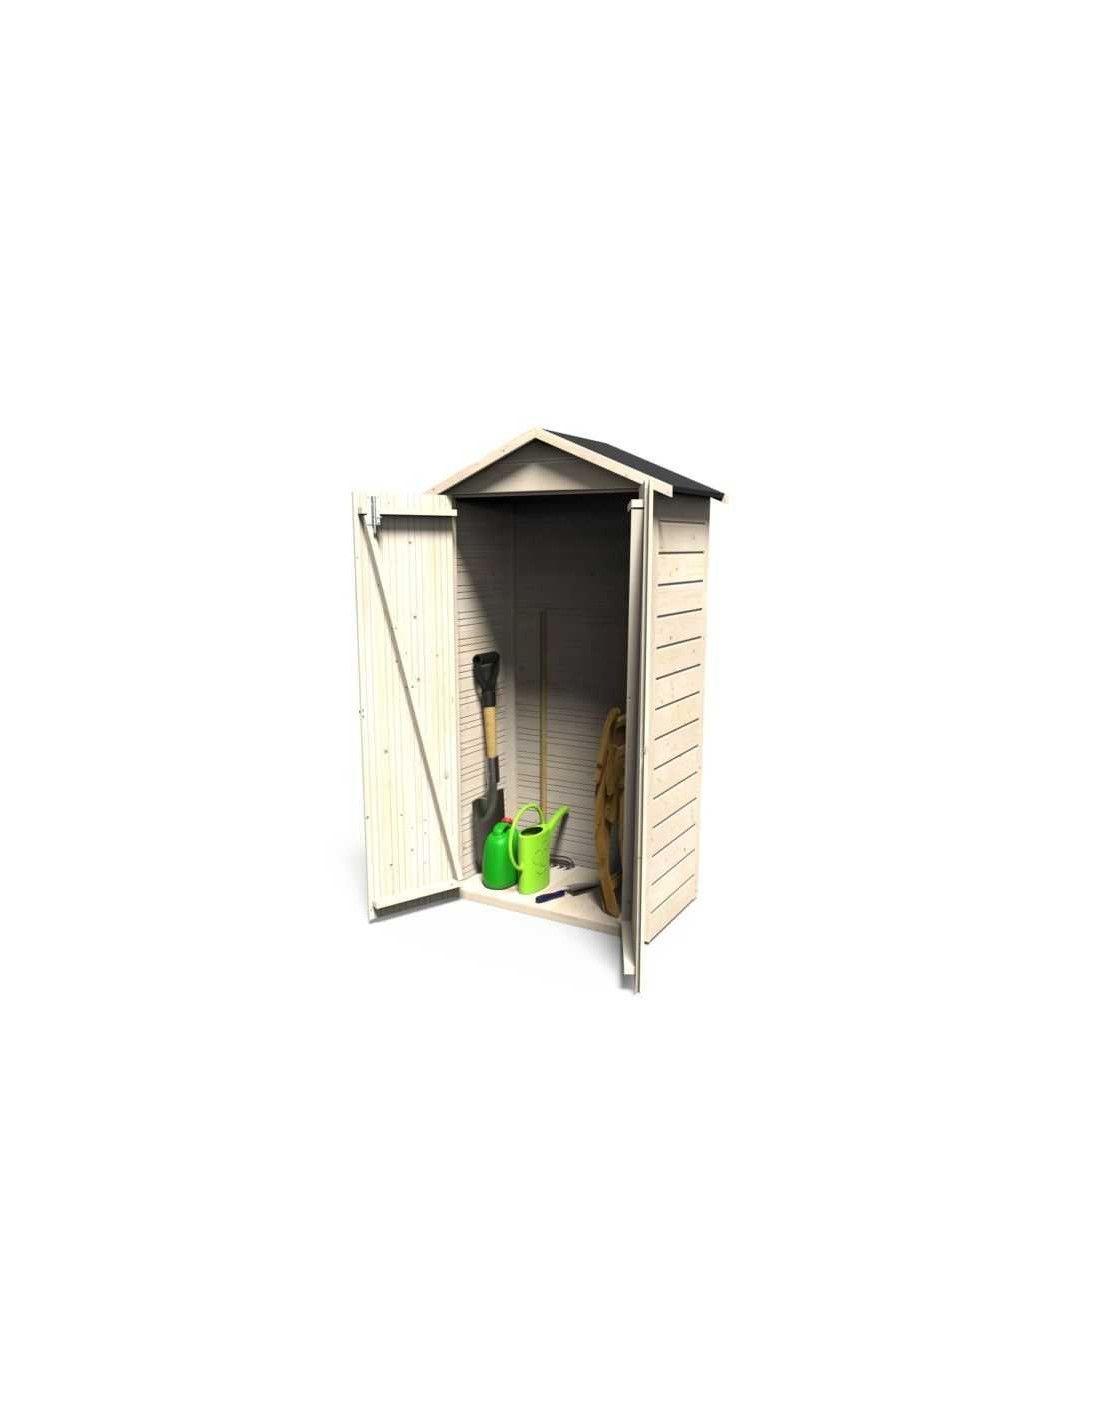 Armarios de exterior armario de madera mod bora 92x51cm - Armario de madera para exterior ...